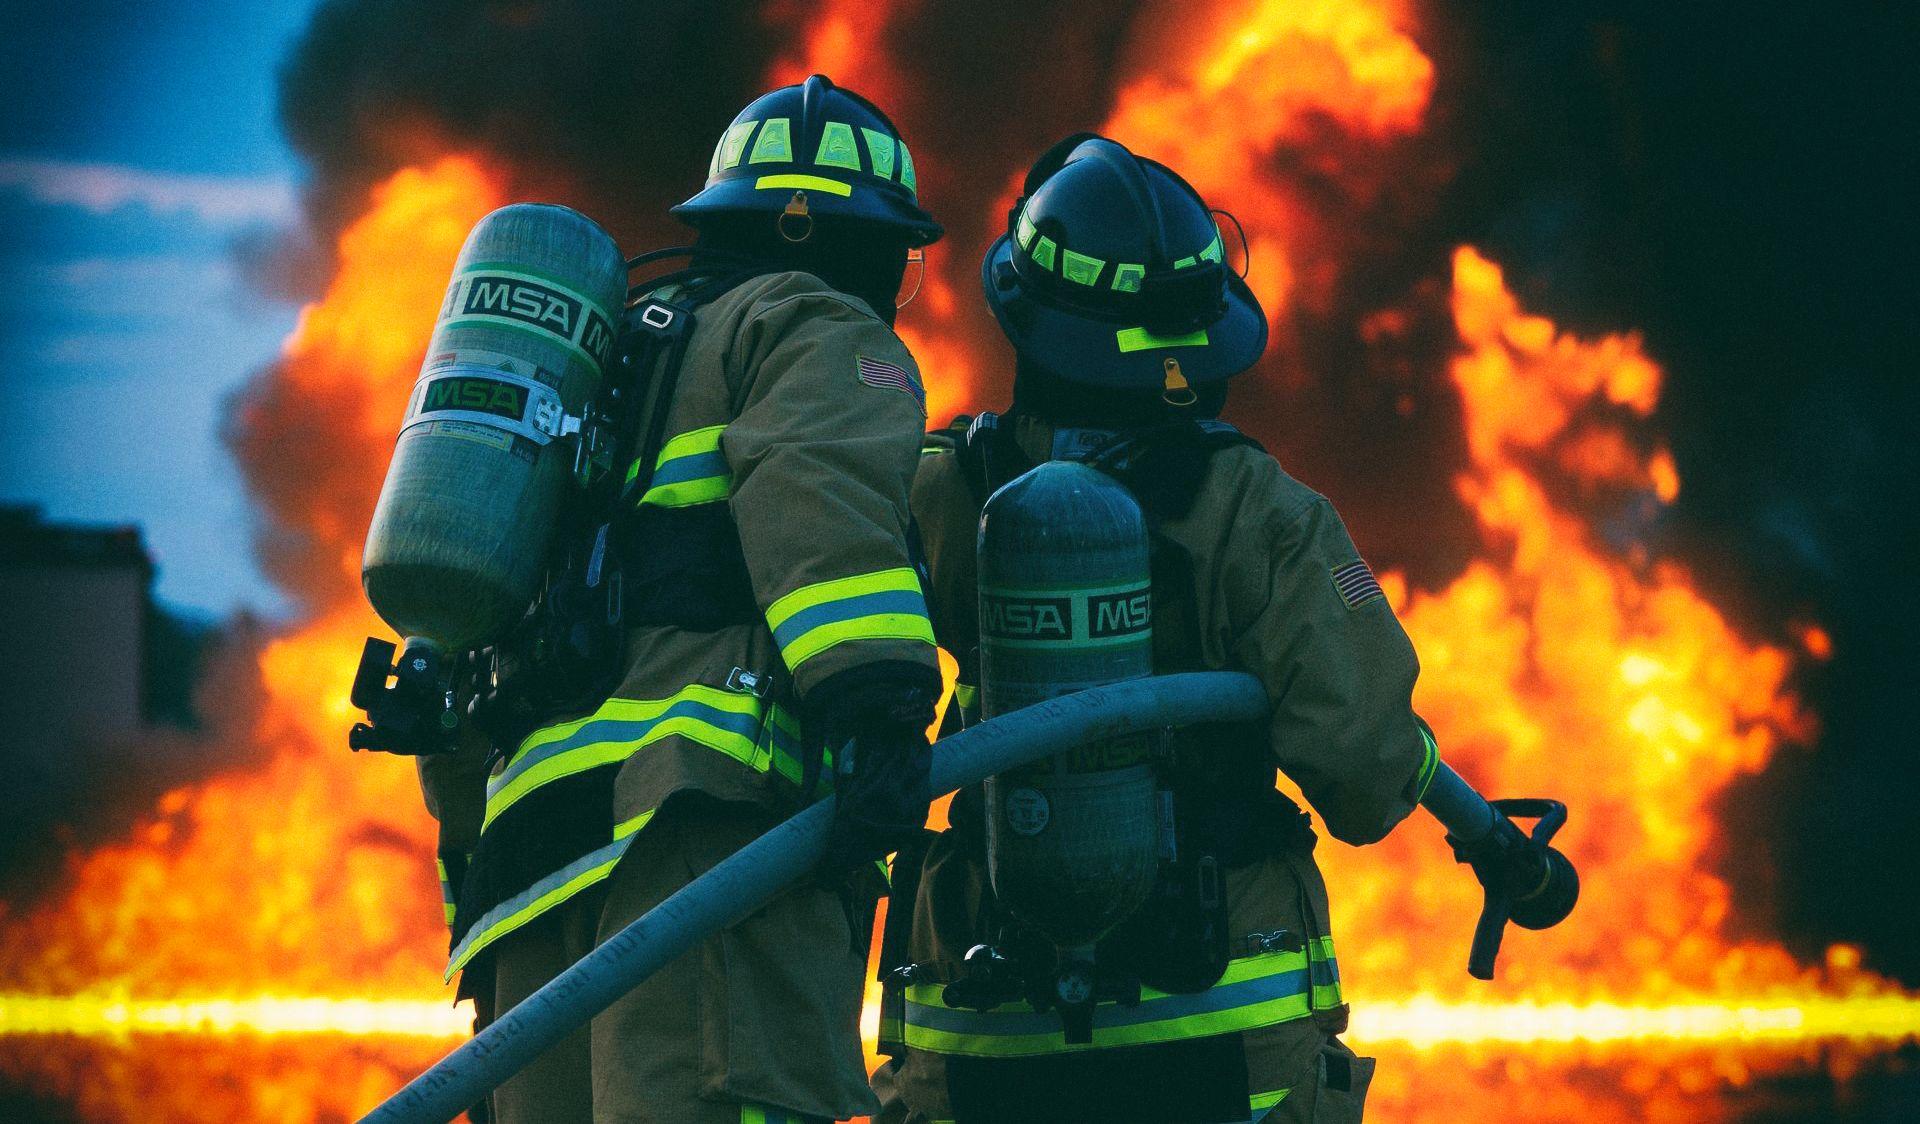 Новая система навигации может спасать жизни пожарным